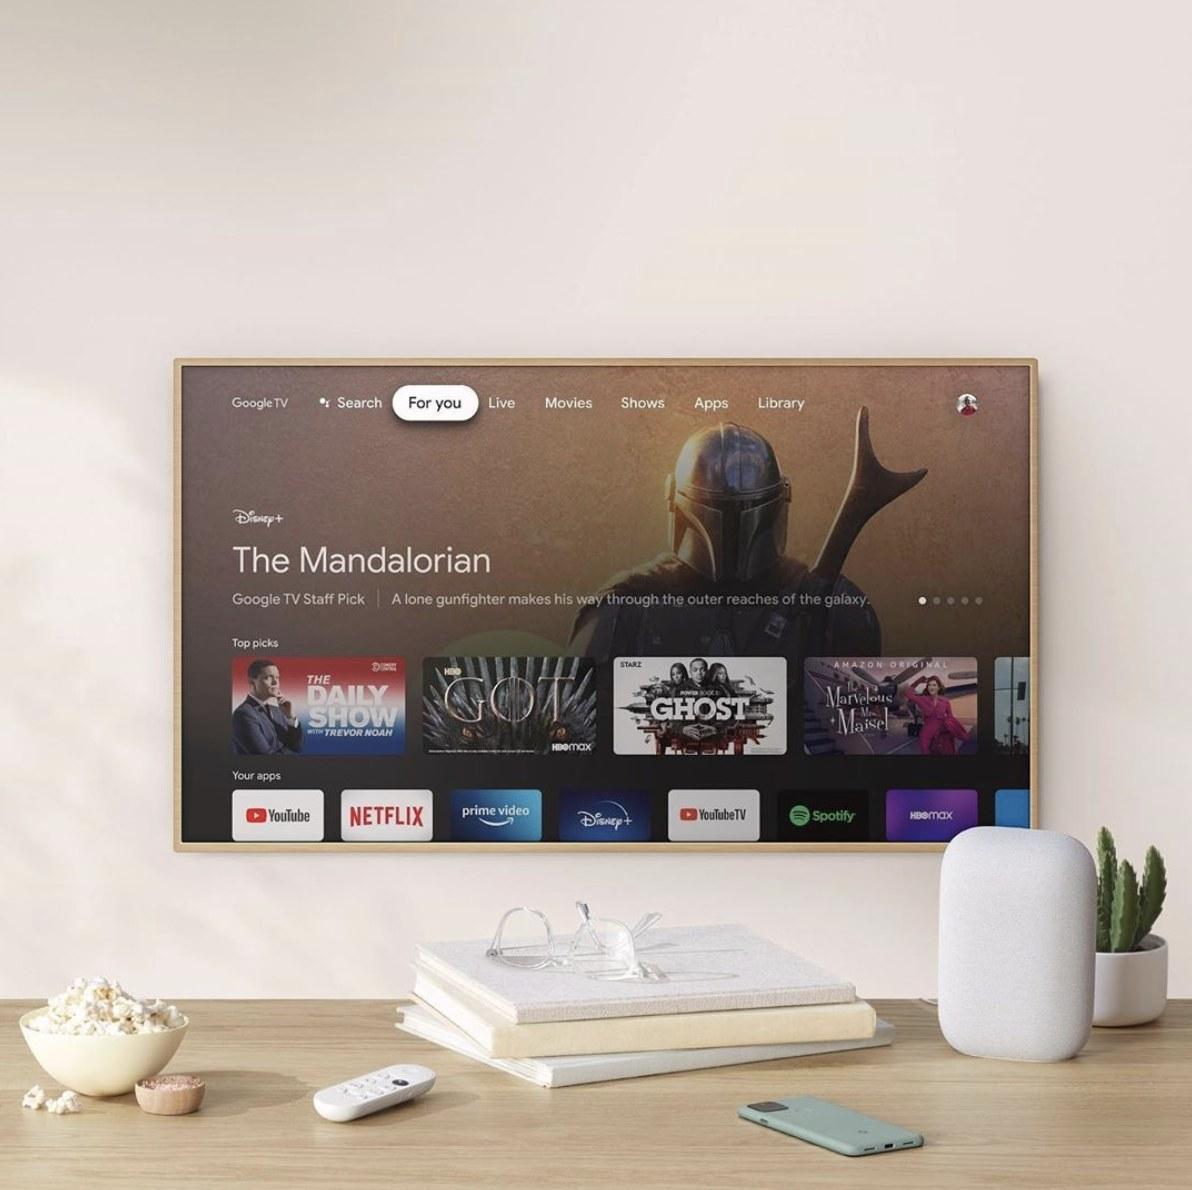 A TV casting with a Google chromecast